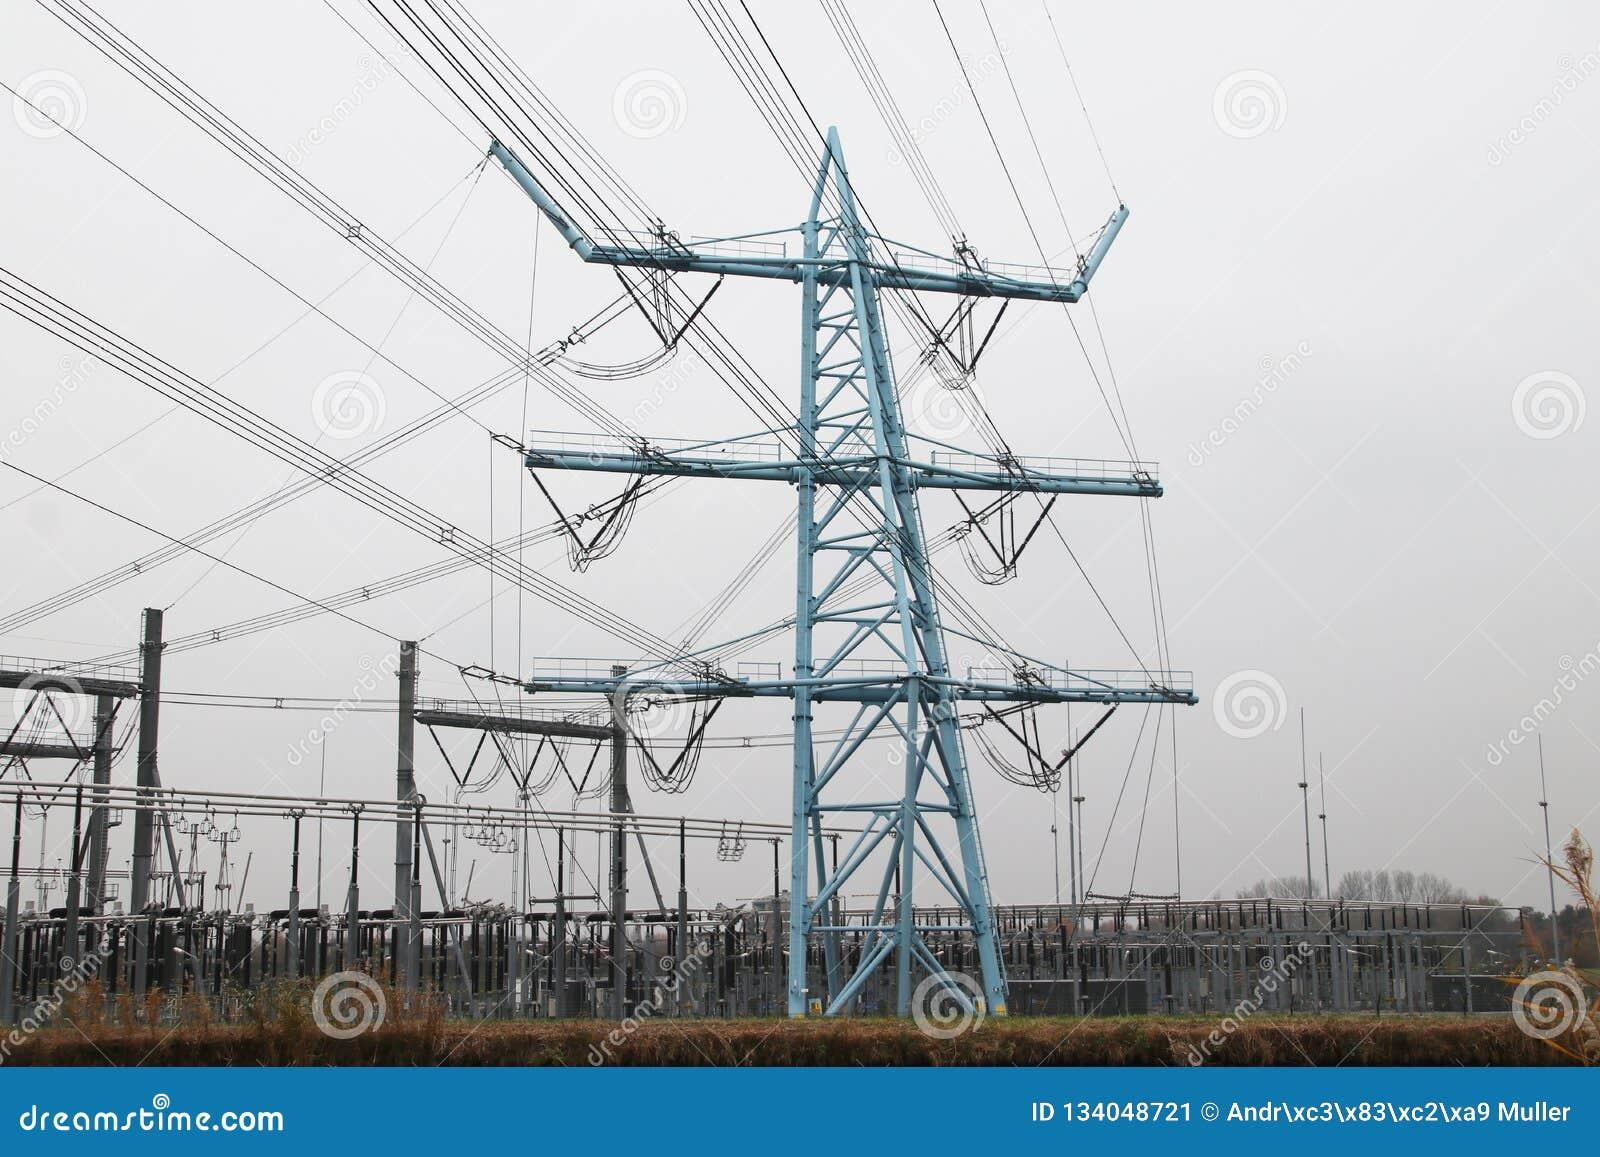 Linee elettriche nella pianta di distribuzione a Den Haag Wateringse Veld nei Paesi Bassi